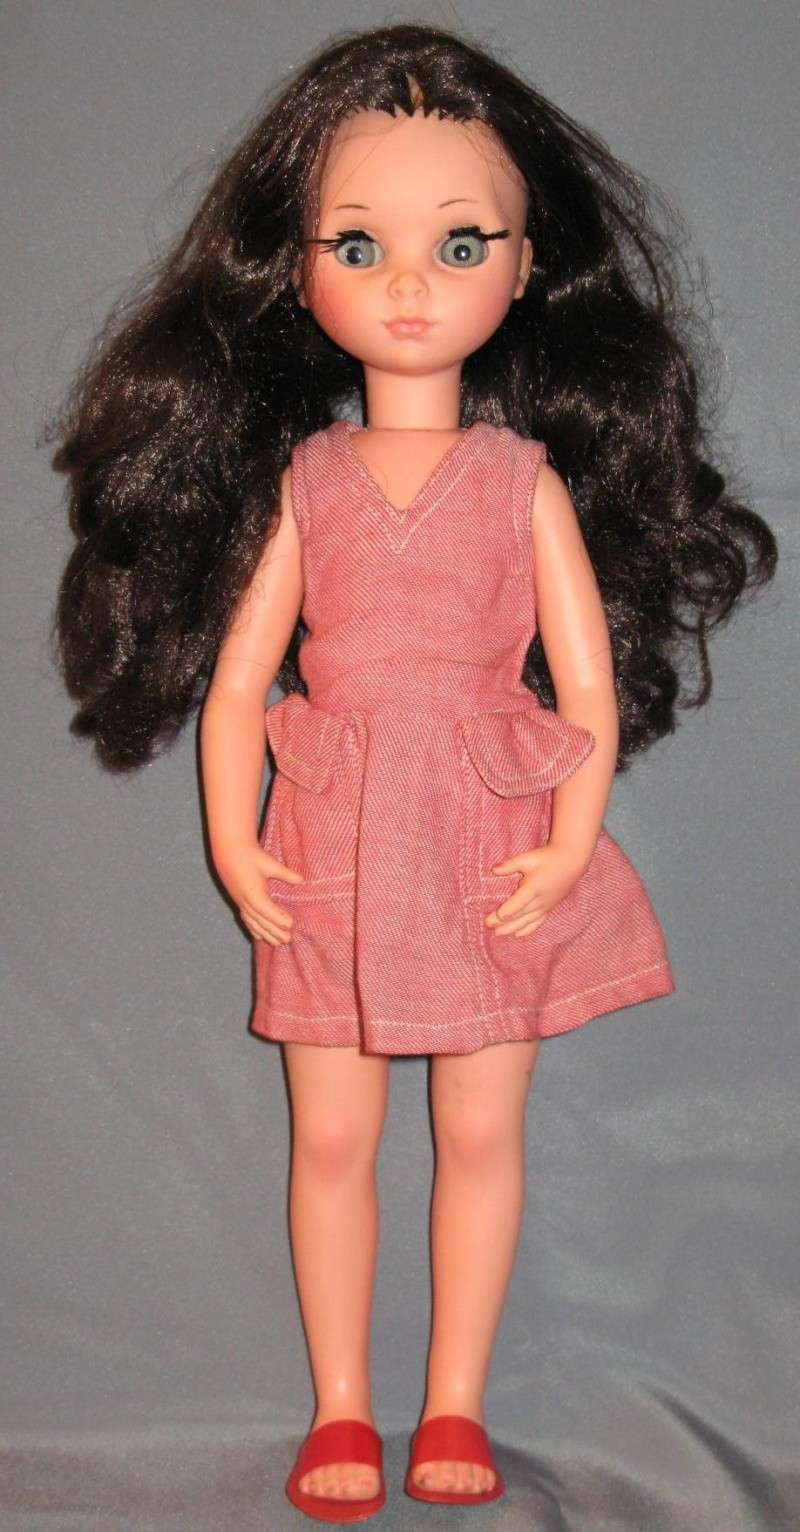 Cerco vecchie bambole furga bonomi sebino lenci ottolini for Bambole barbie